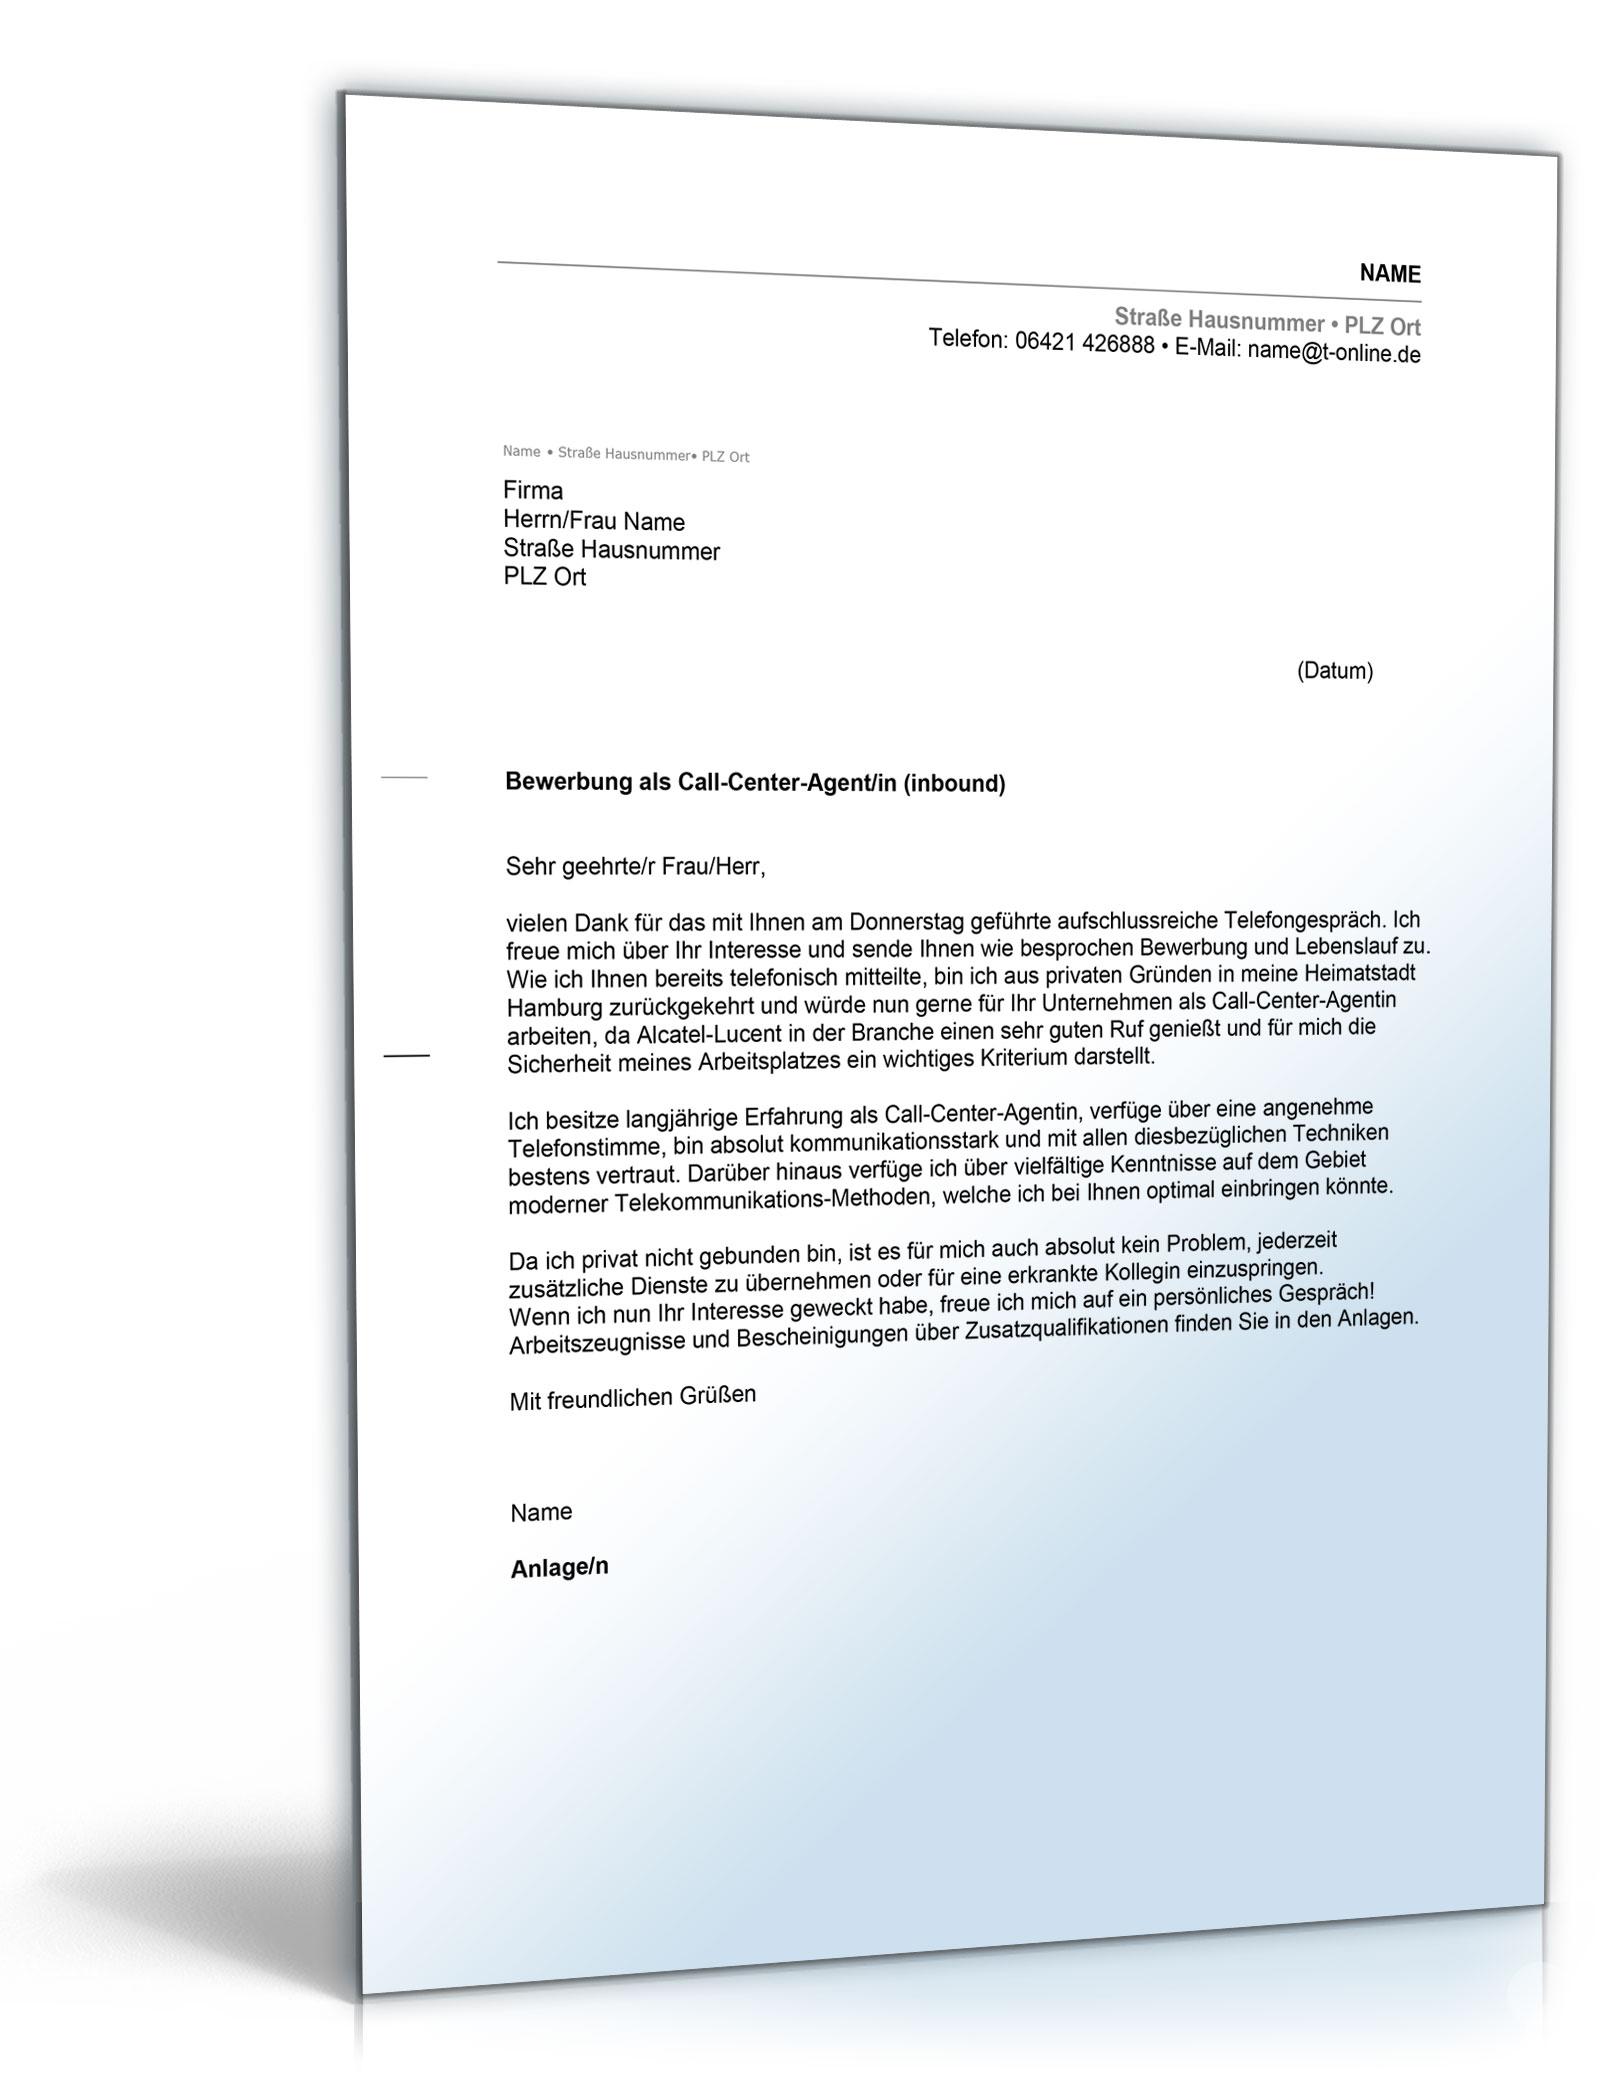 Anschreiben Bewerbung Call-Center-Agent [Word Dokument] [Download]